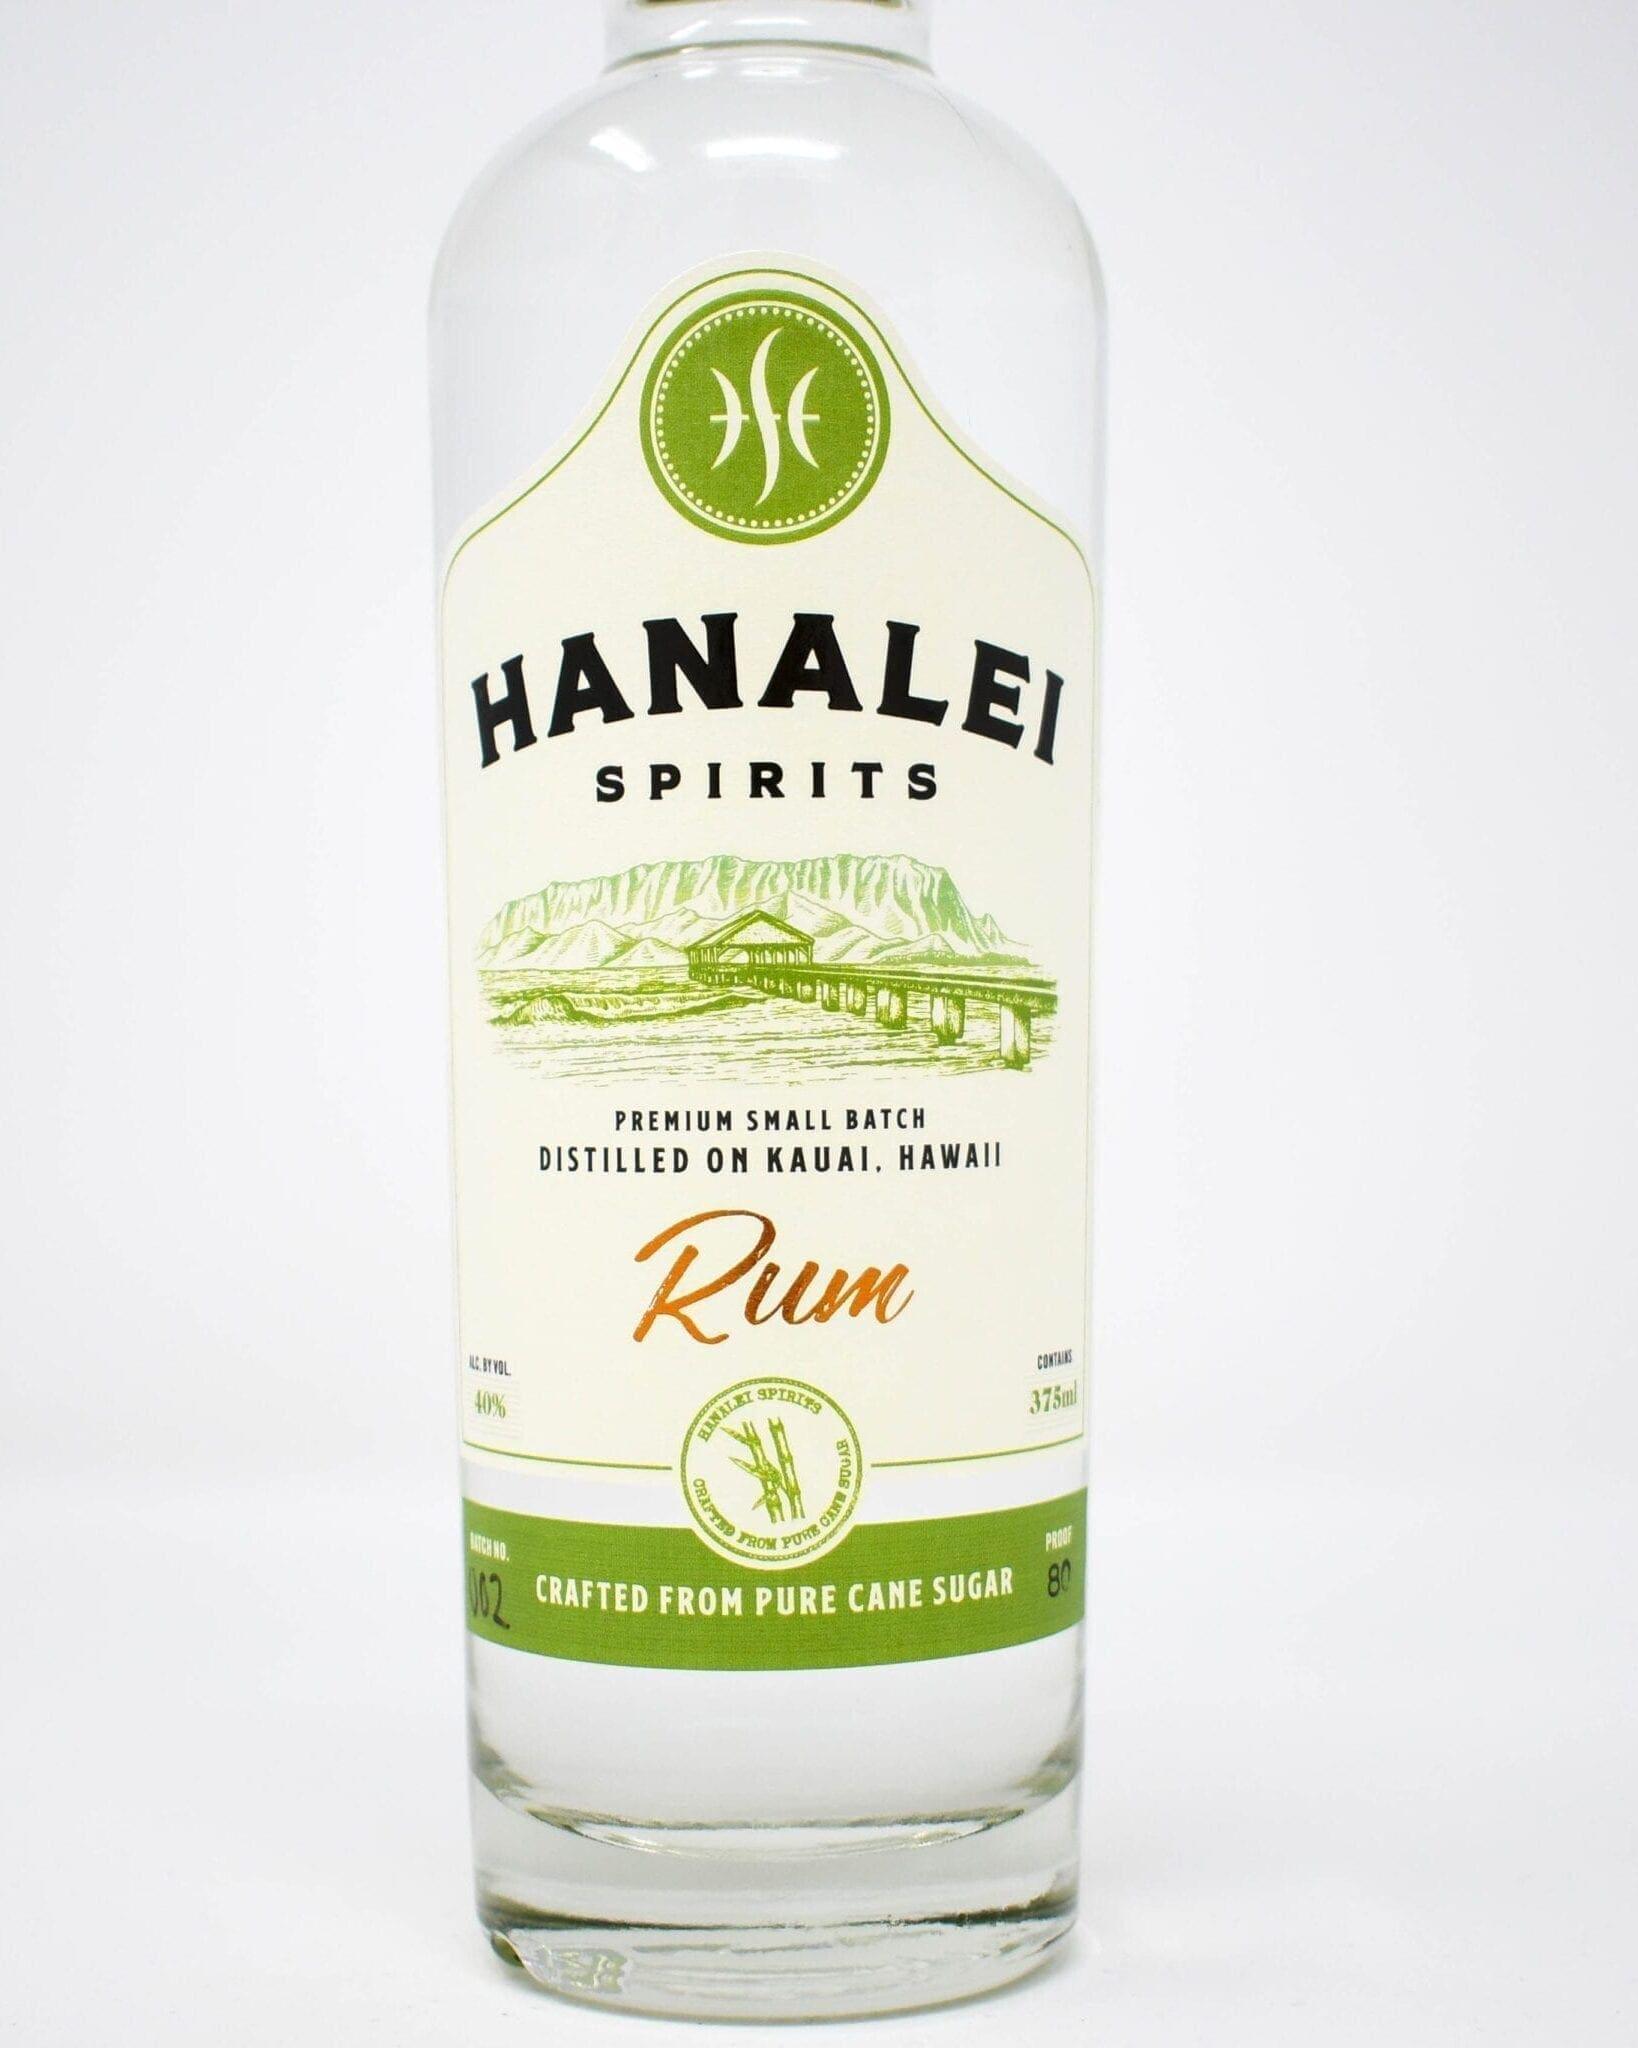 Hanalei Spirits White Rum 375ml